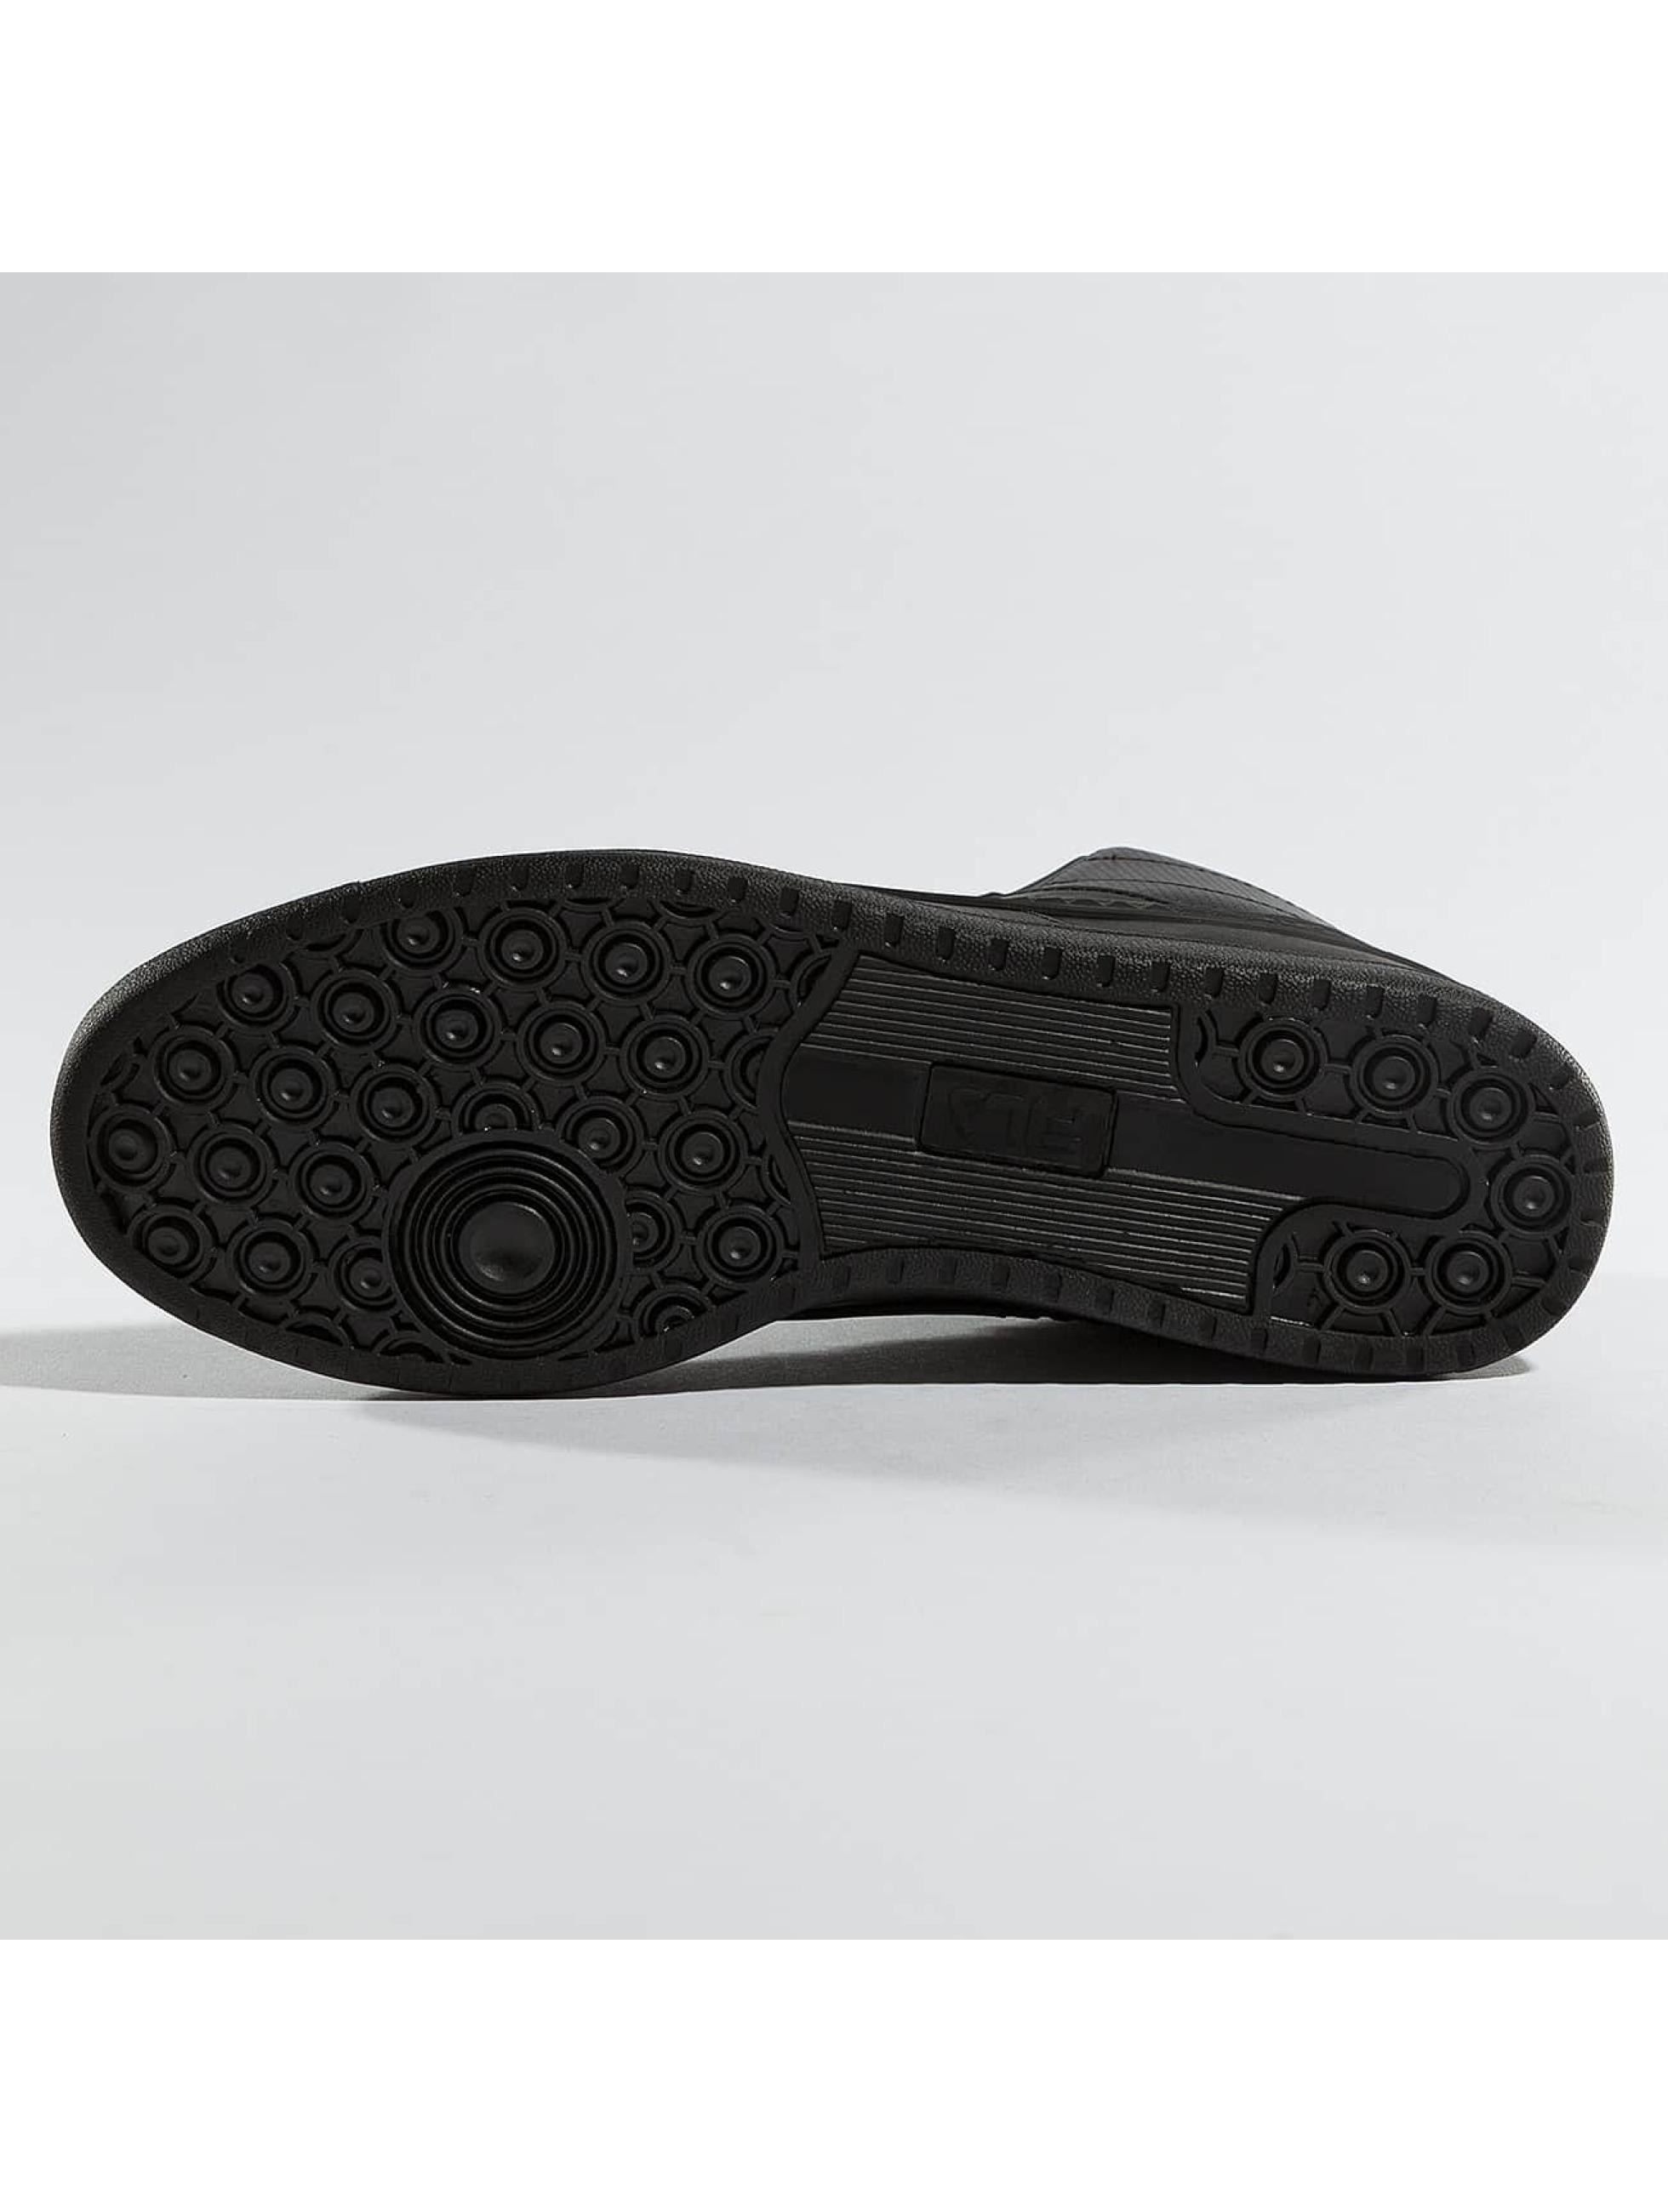 FILA Sneakers Face Falcon 2 Mid black